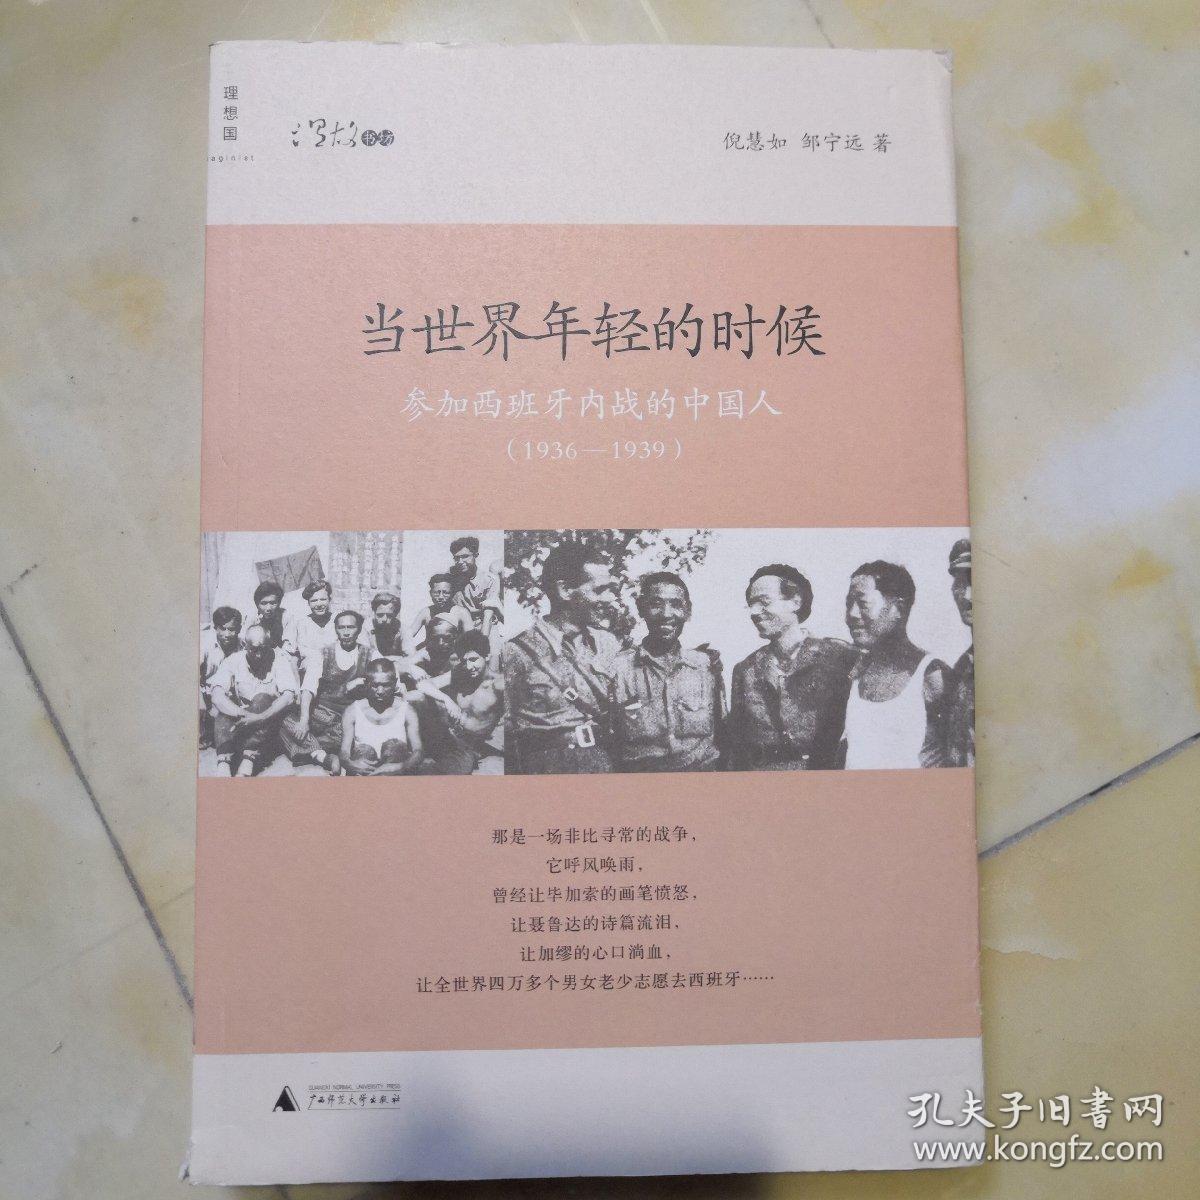 当世界年轻的时候:参加西班牙内战的中国人(1936-1939)